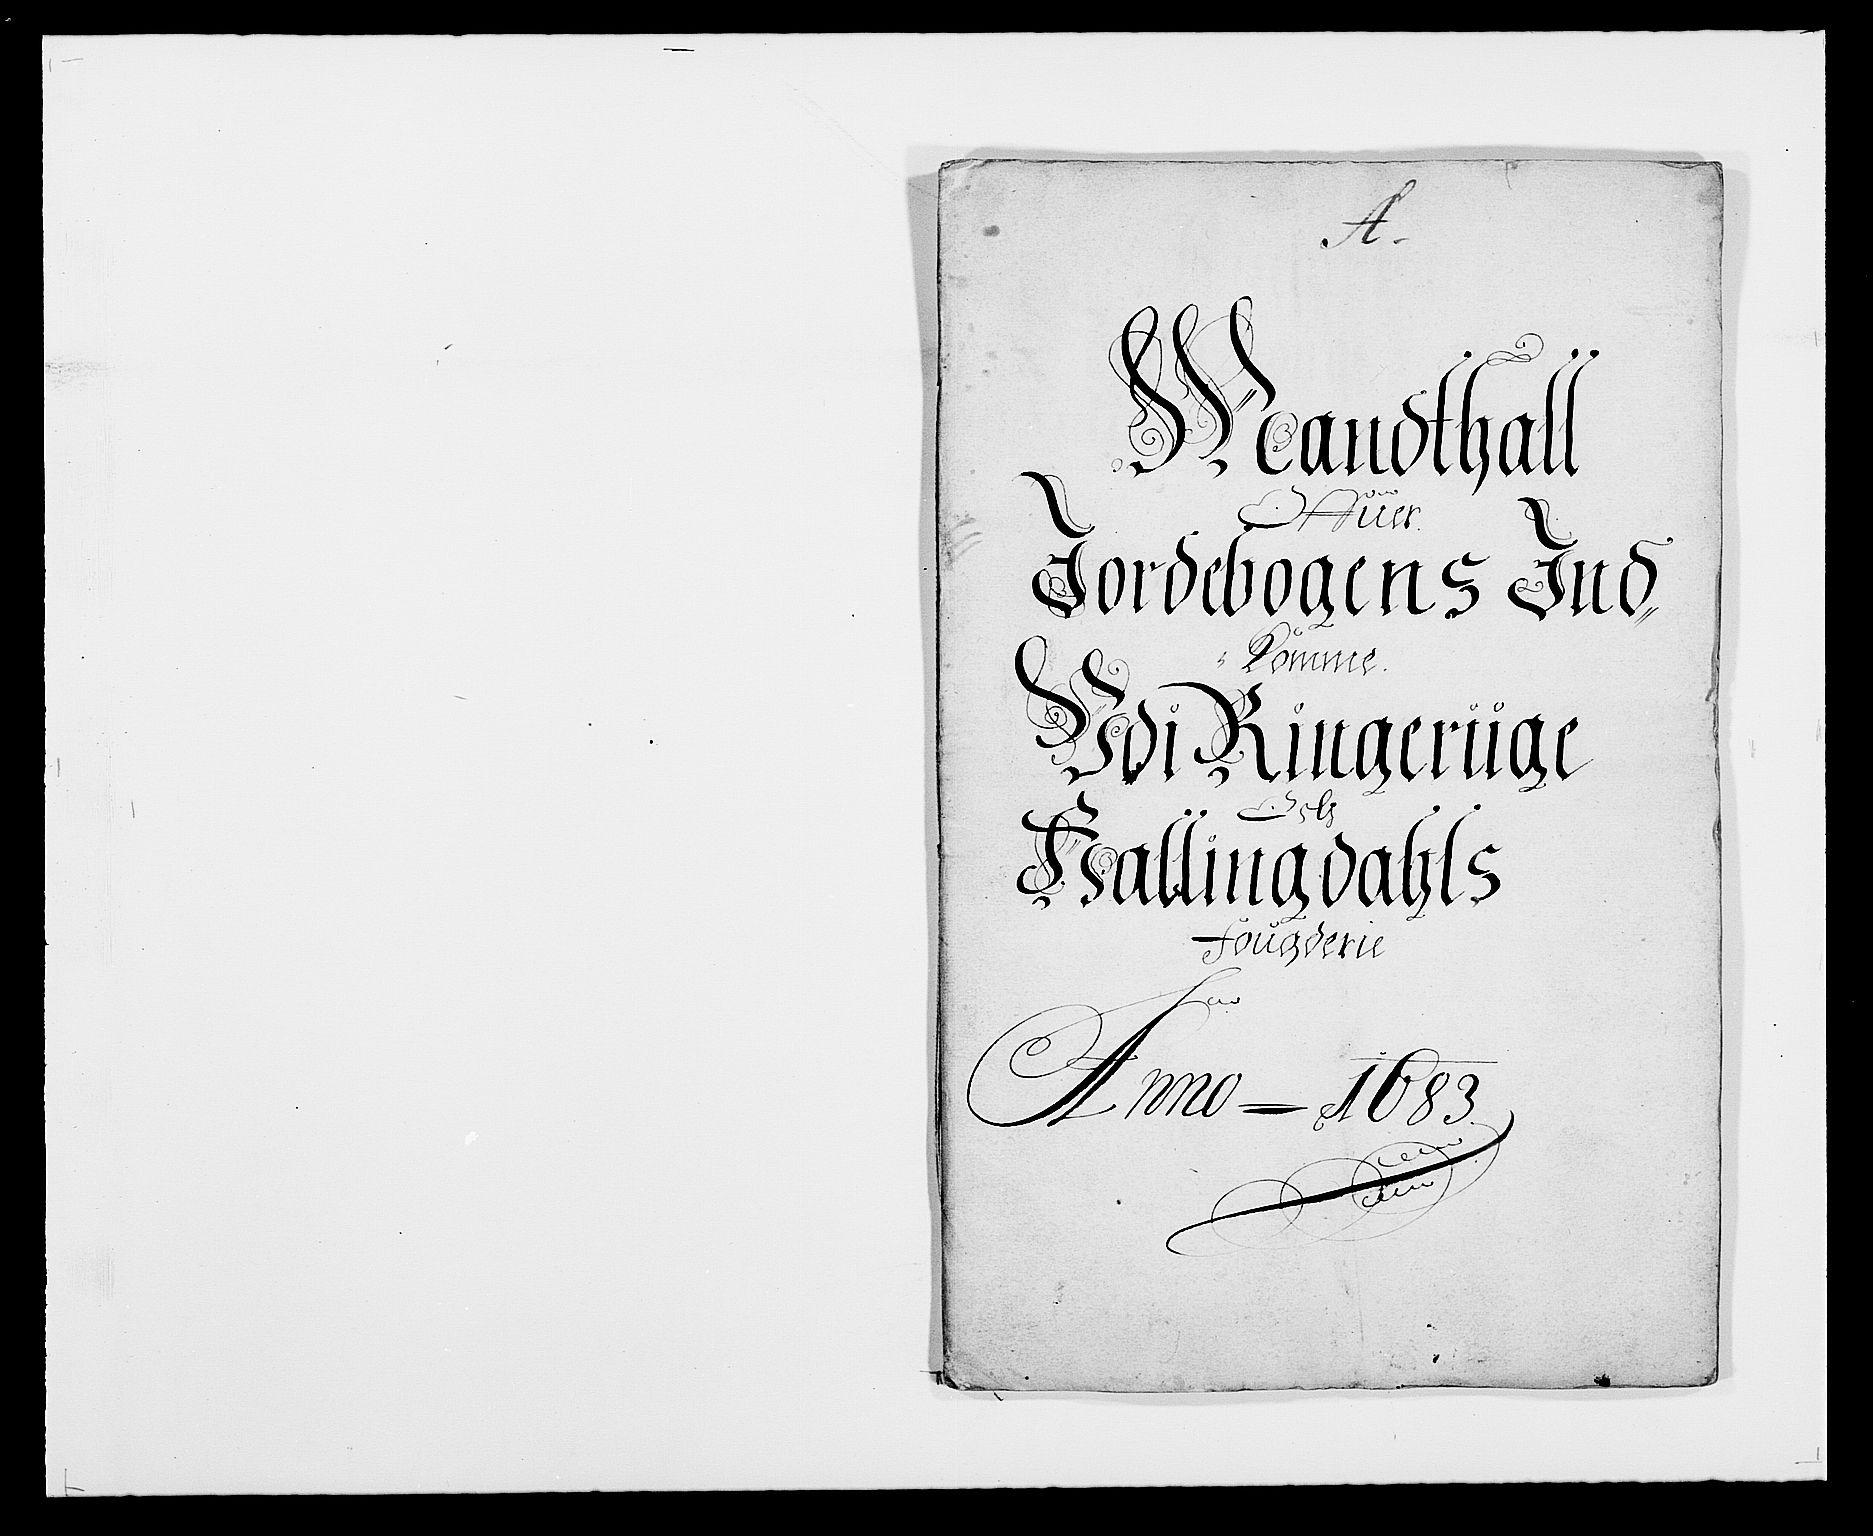 RA, Rentekammeret inntil 1814, Reviderte regnskaper, Fogderegnskap, R21/L1446: Fogderegnskap Ringerike og Hallingdal, 1683-1686, s. 6